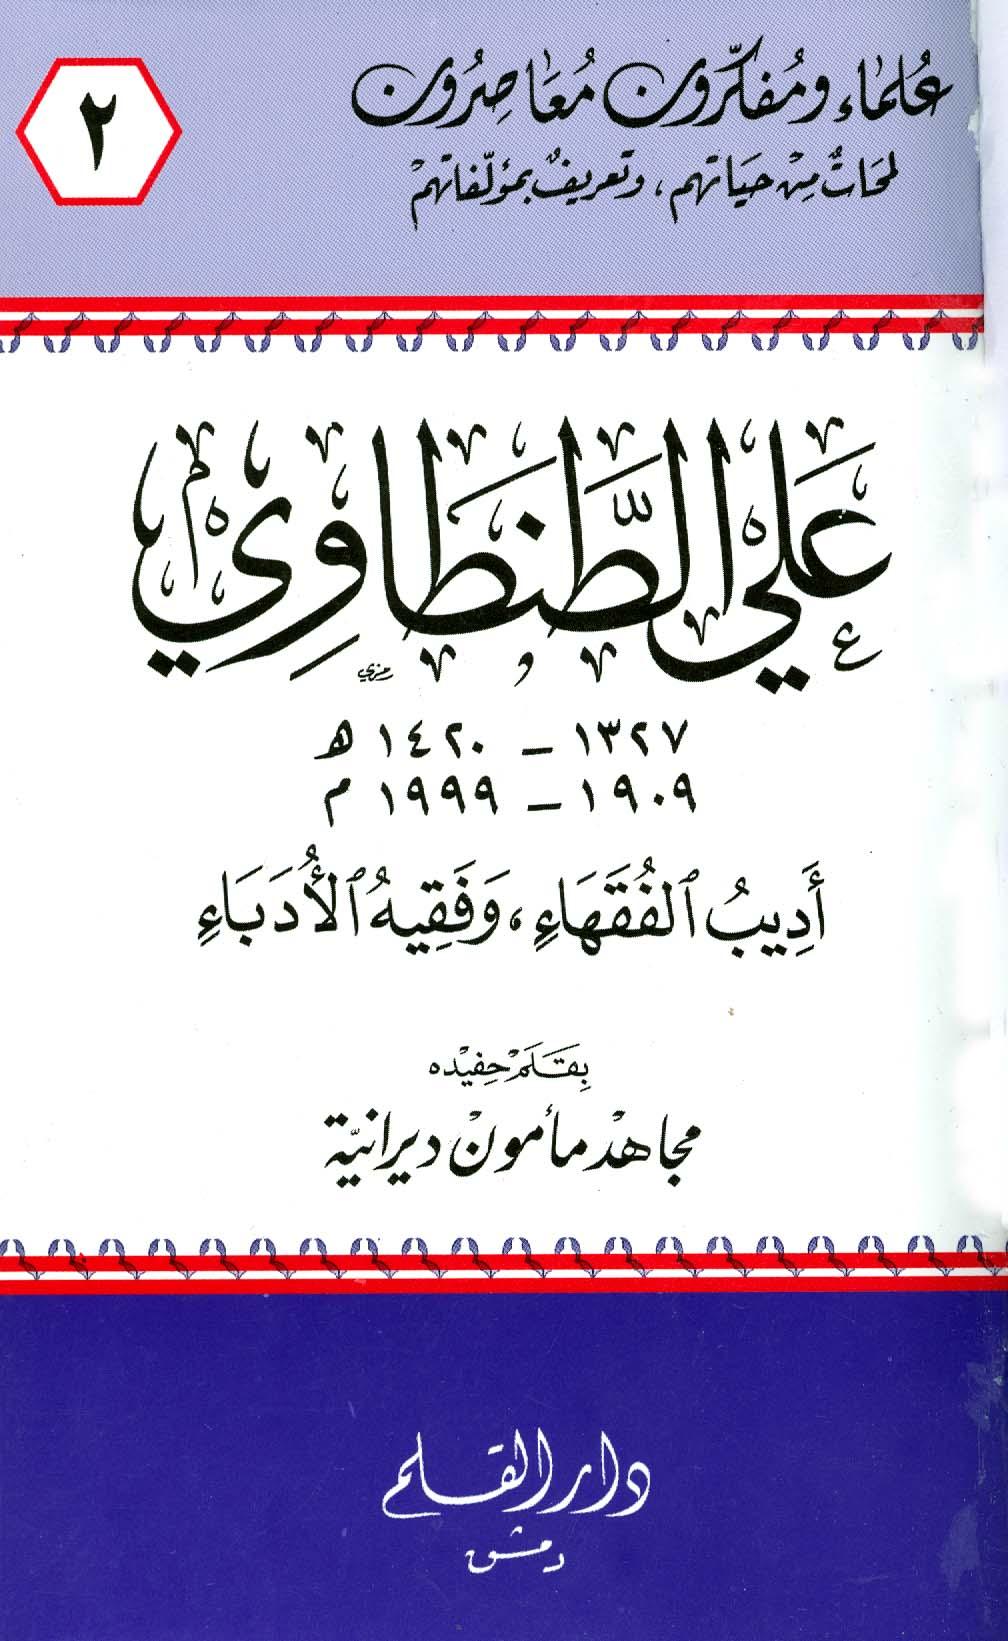 كتاب  علي الطنطاوي أديب الفقهاء وفقيه الأدباء